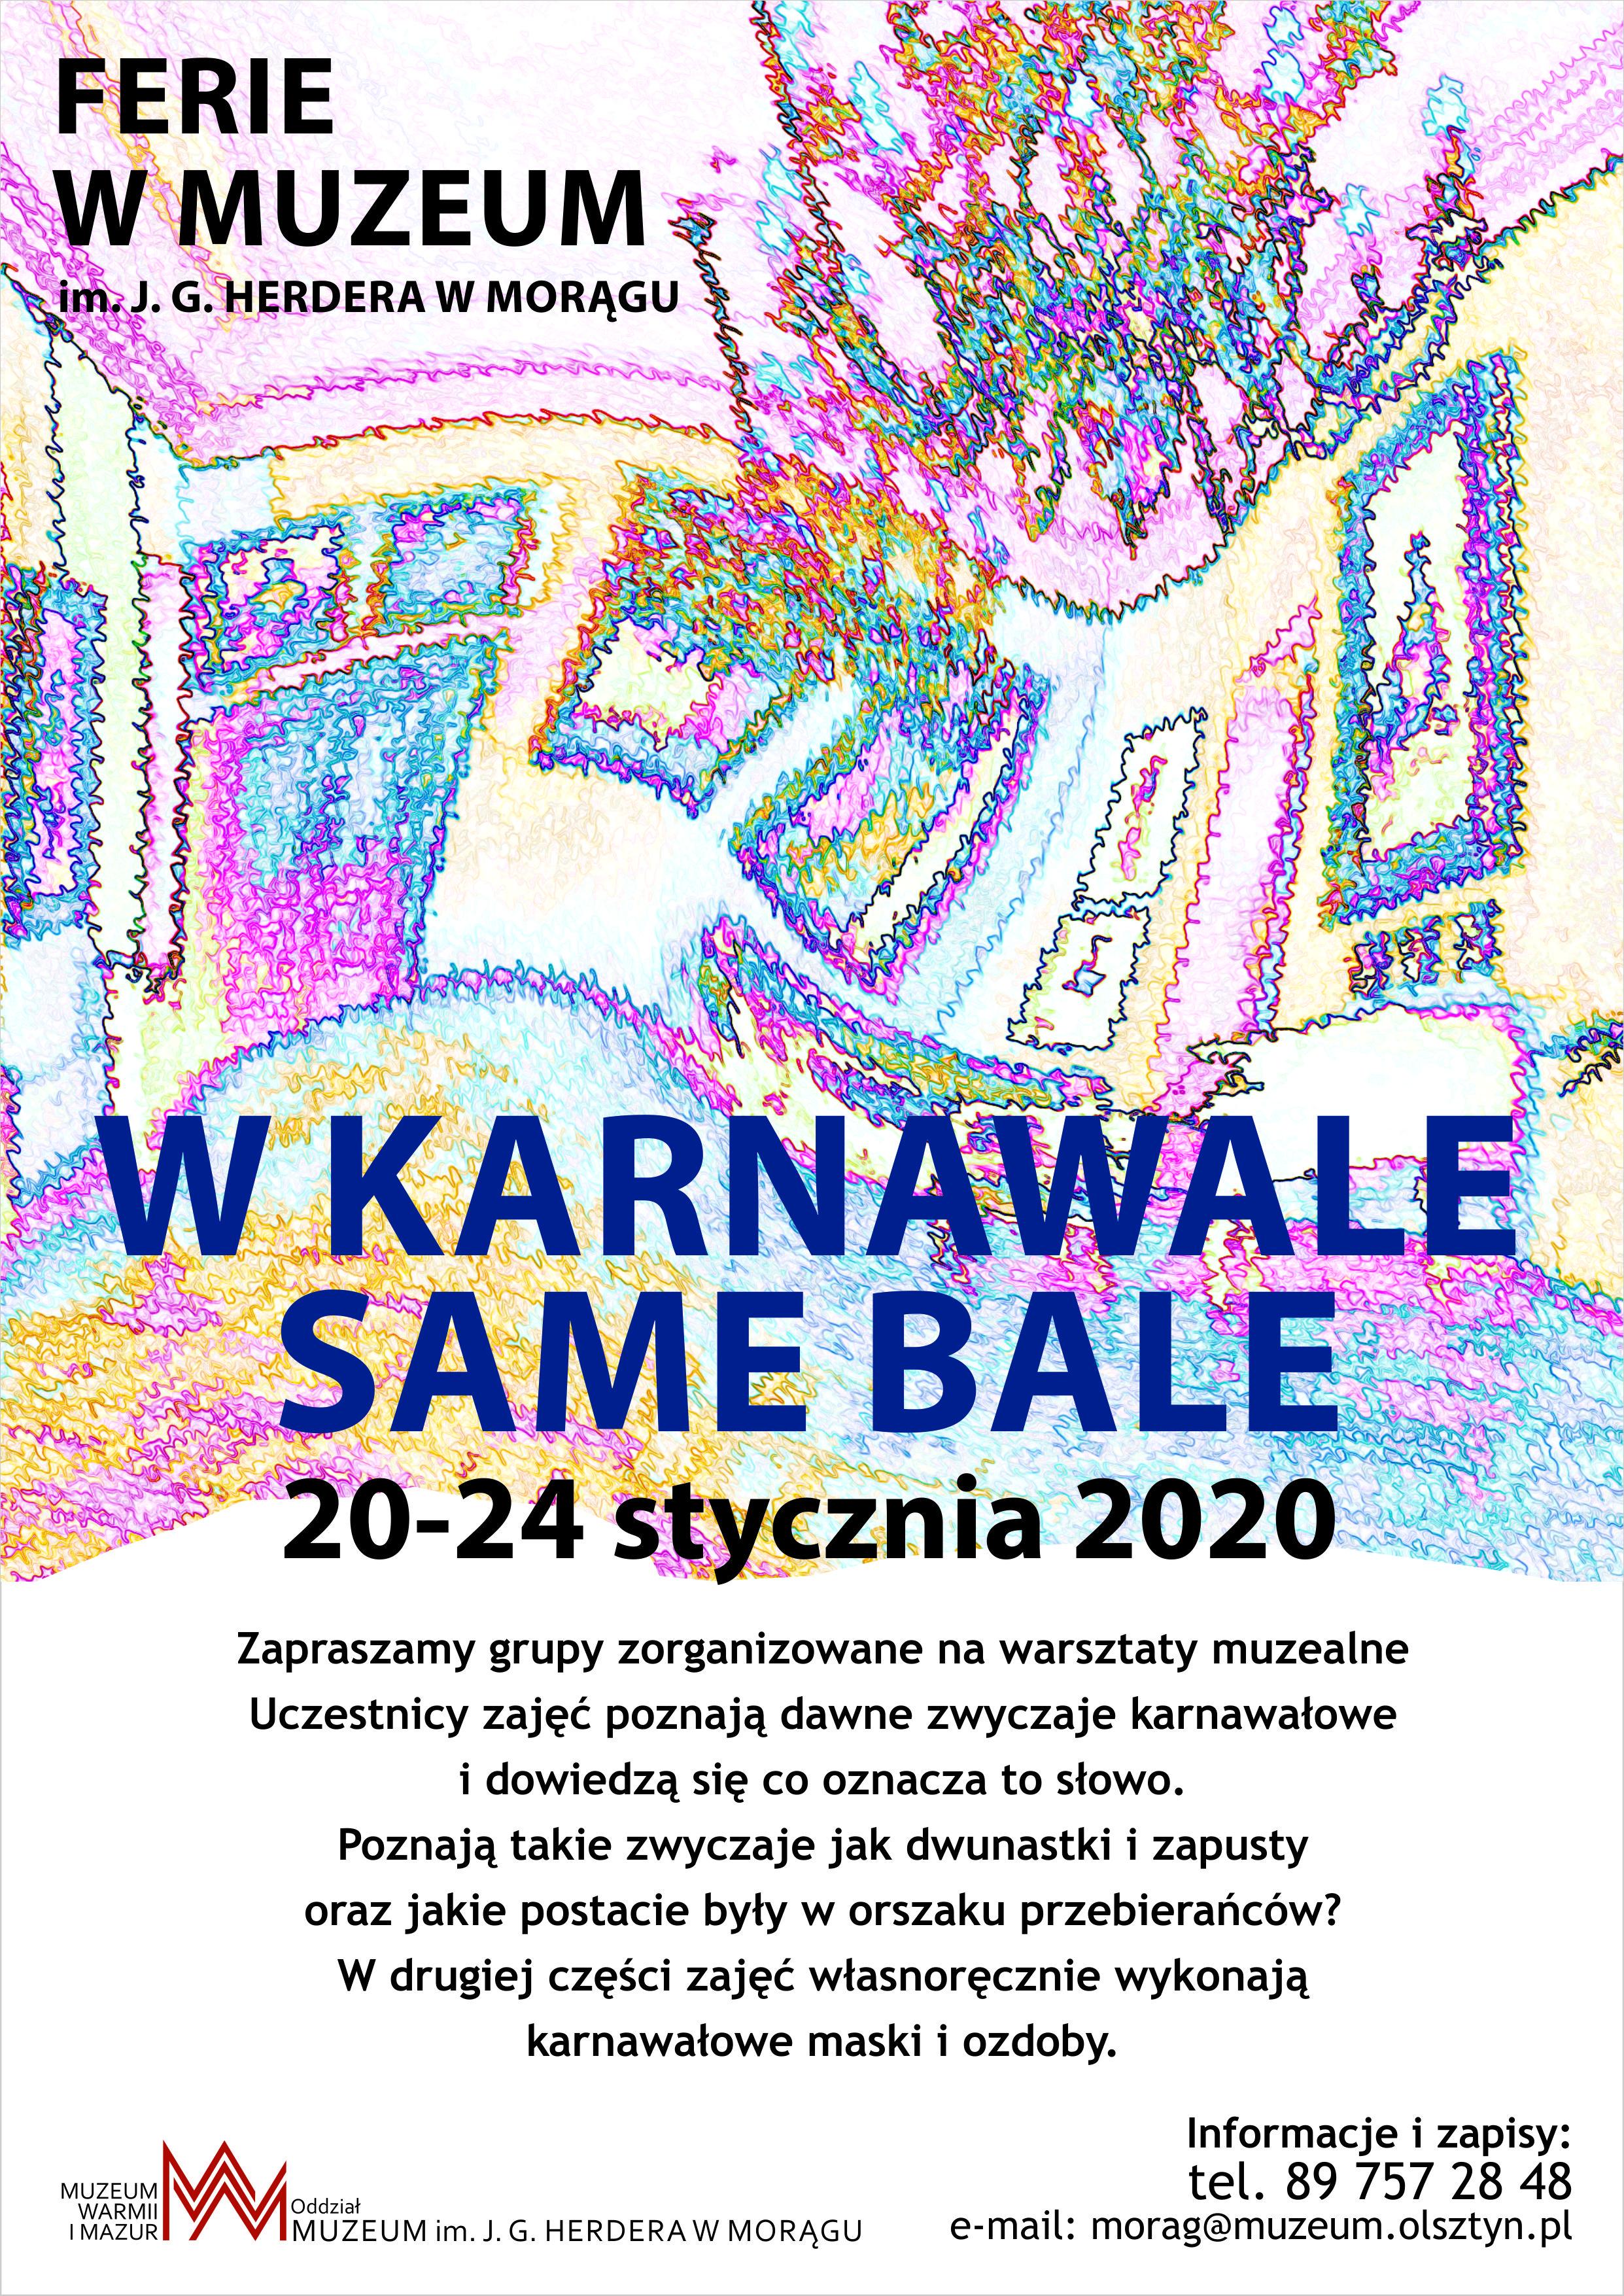 https://m.wmwm.pl/2020/01/orig/ferie-w-muzeum-2020-6587.jpg